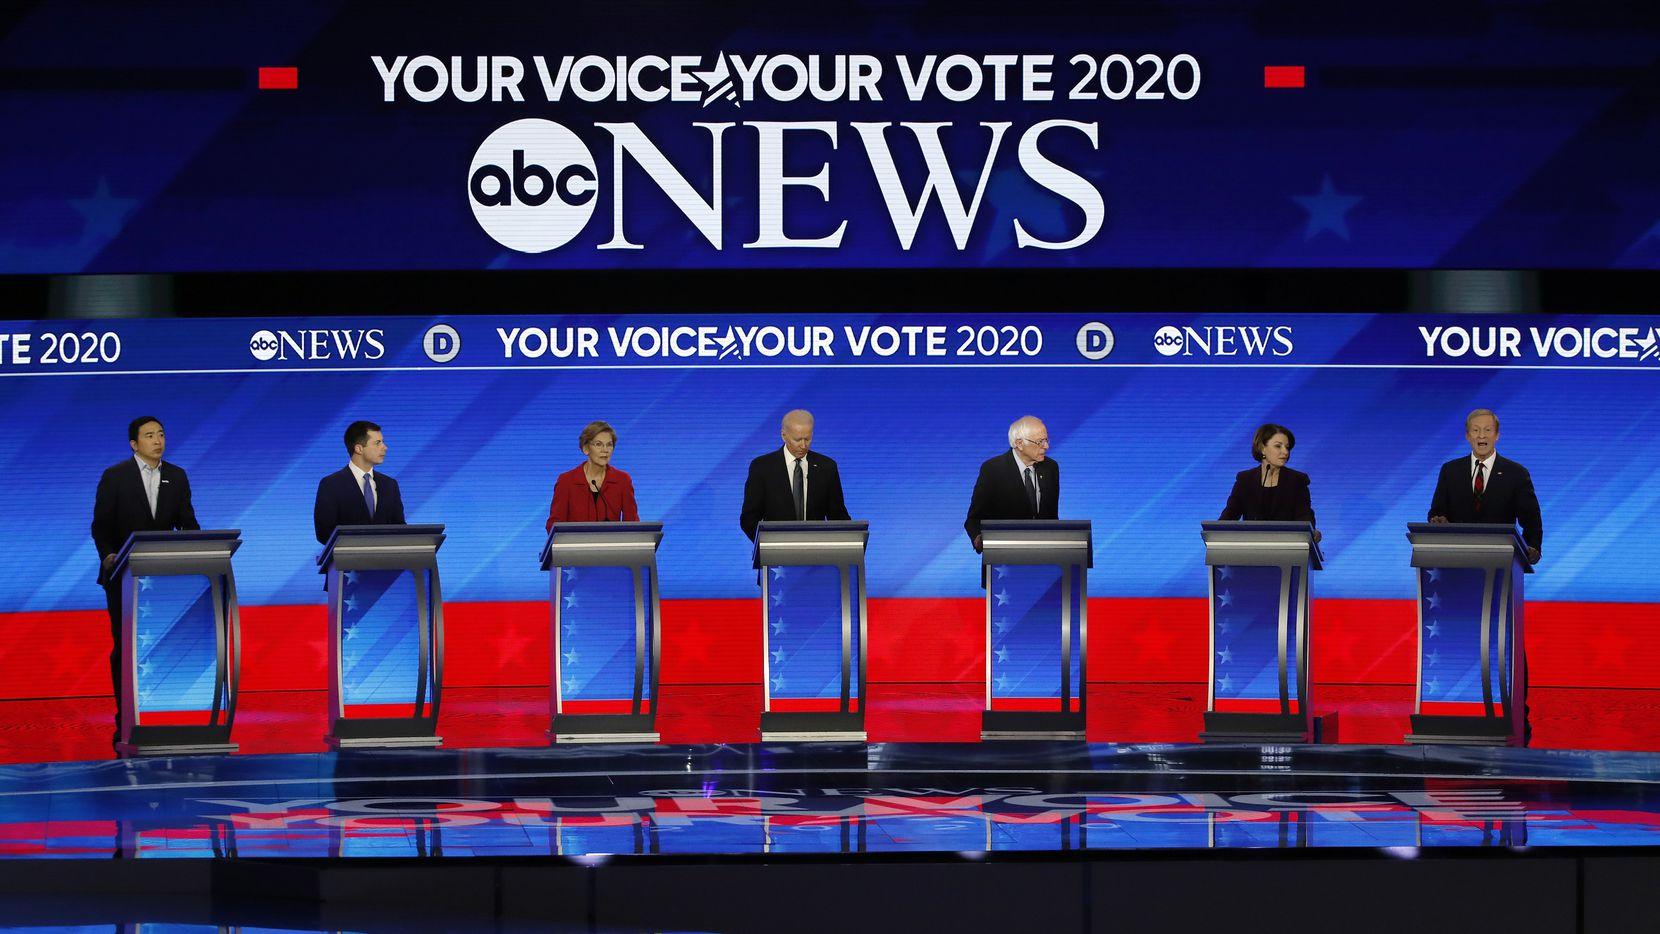 Los candidatos demócratas en el último debate del 7 de febrero. (De izq. a der.): Andrew Yang, Pete Buttigieg, Elizabeth Warren, Joe Biden, Amy Klobuchar y Tom Steyer.